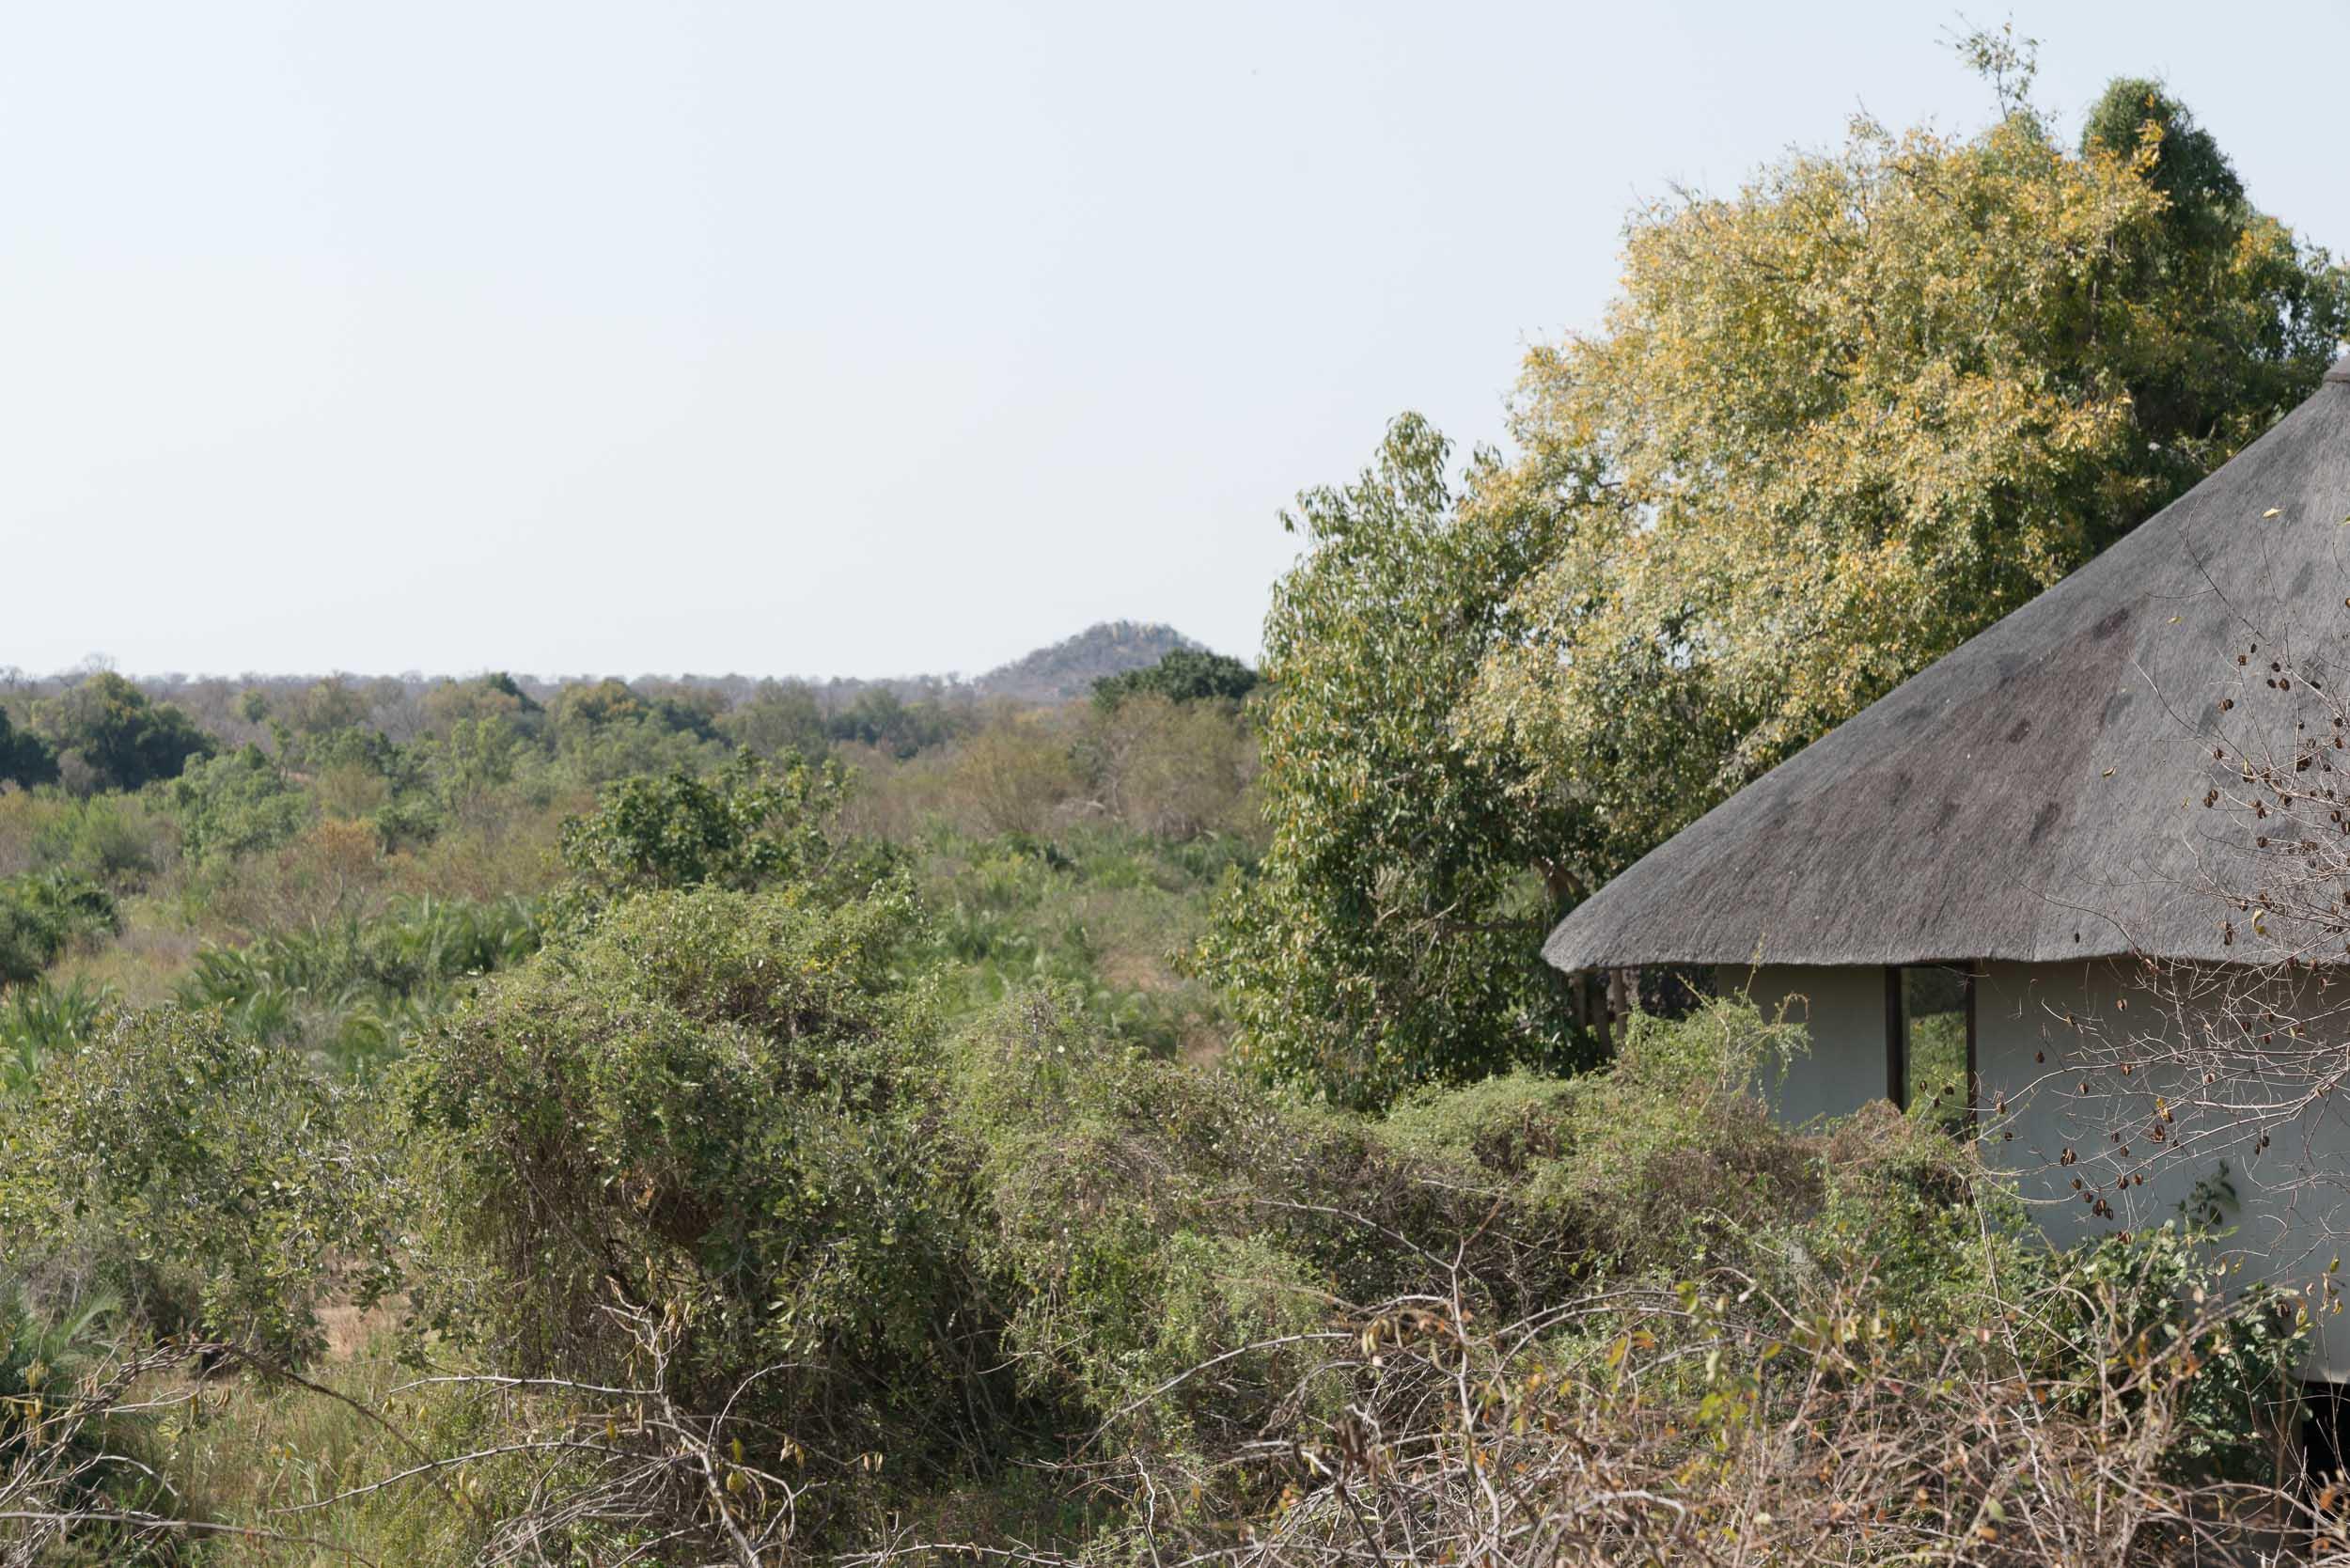 the_getaway_edit_south_africa_safari_londolozi_game_reserve-46.jpg